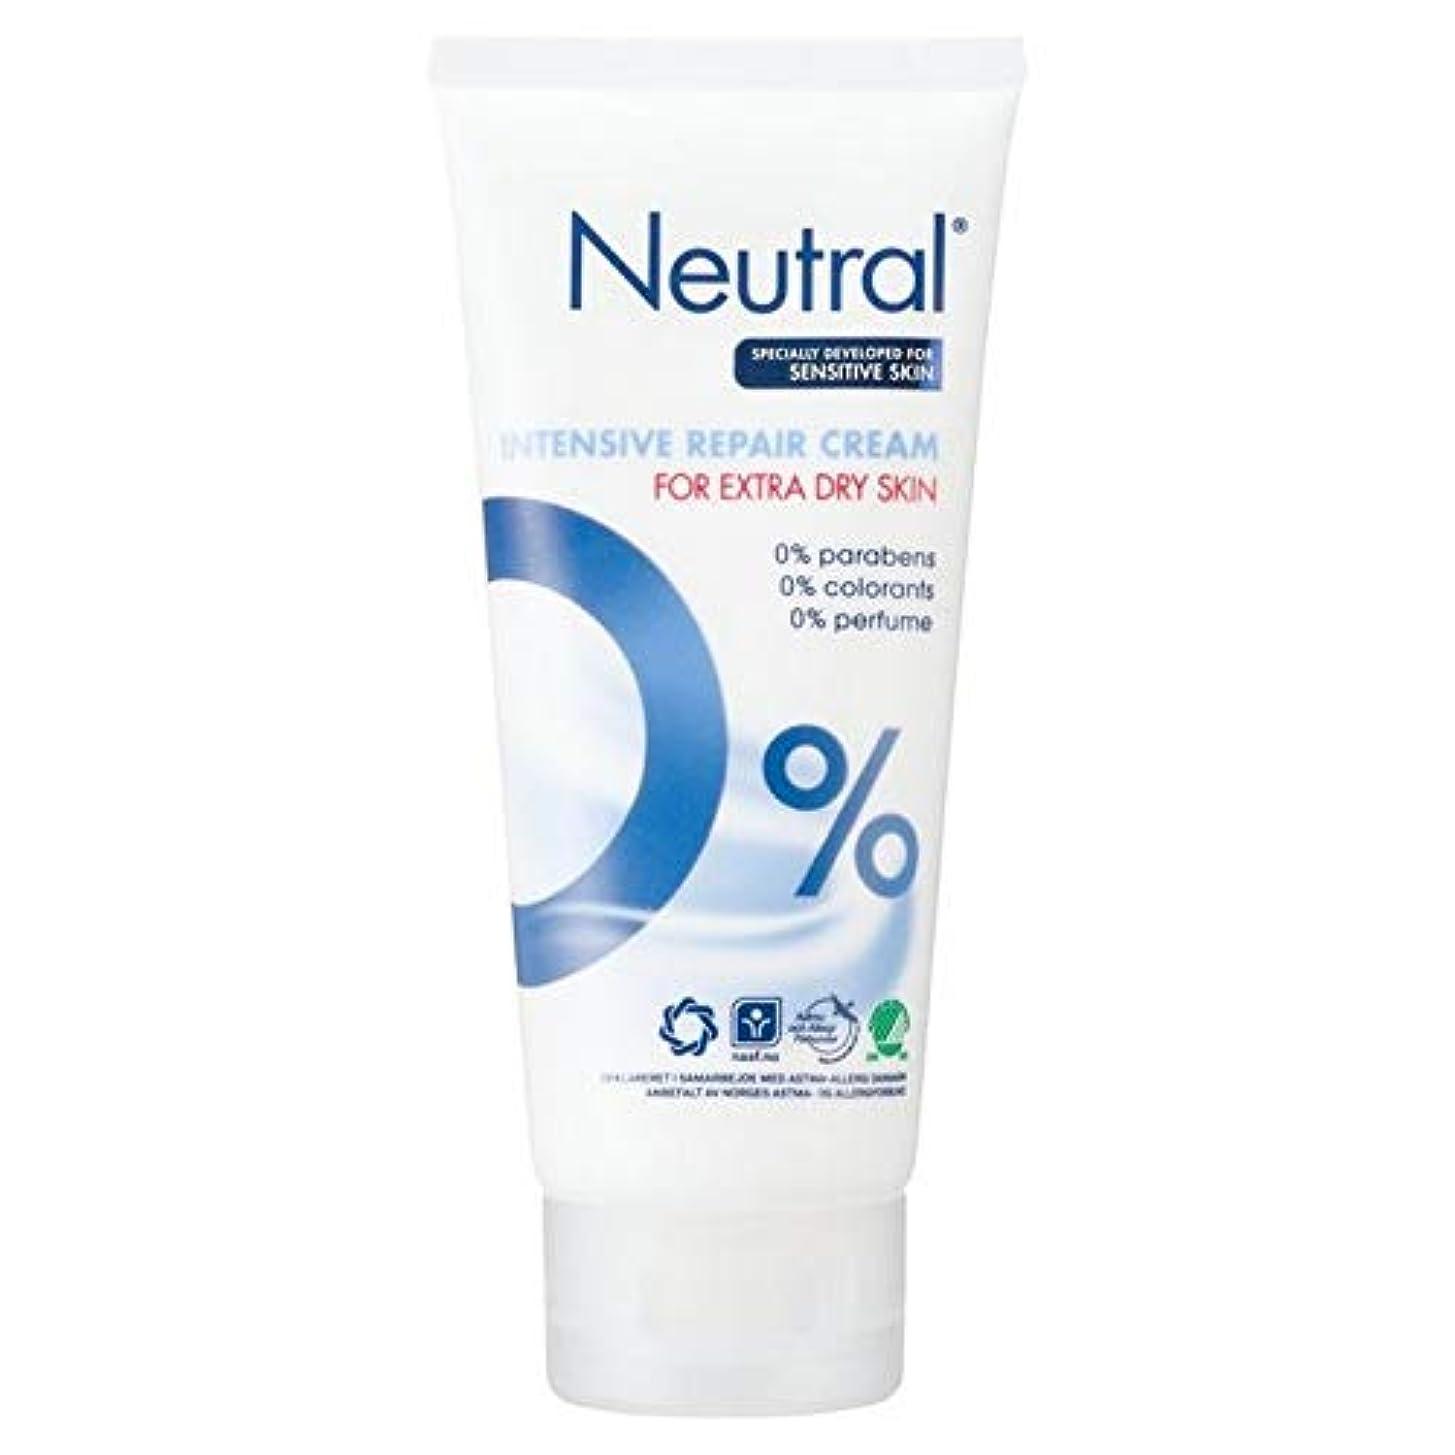 ハブブ石膏研磨[Neutral ] ニュートラル0%の集中リペアクリーム100ミリリットル - Neutral 0% Intensive Repair Cream 100ml [並行輸入品]